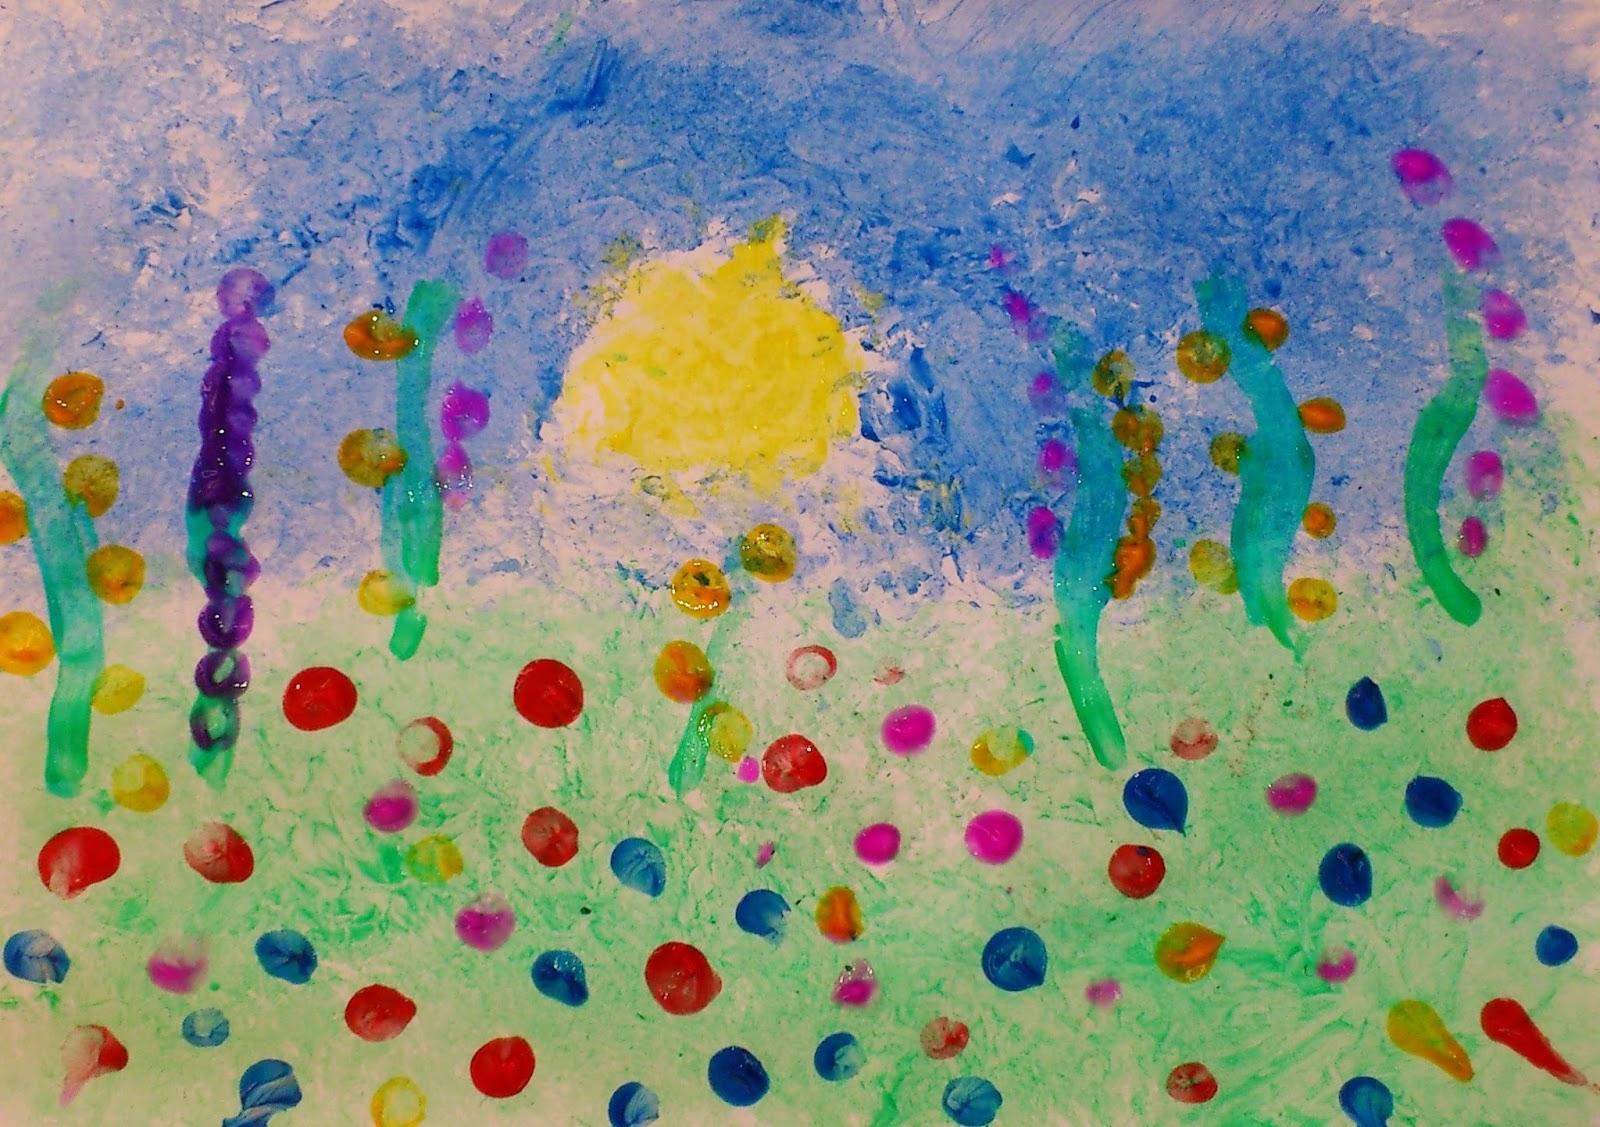 Câmp cu flori: tamponare (fond) + dactilopictură (flori)